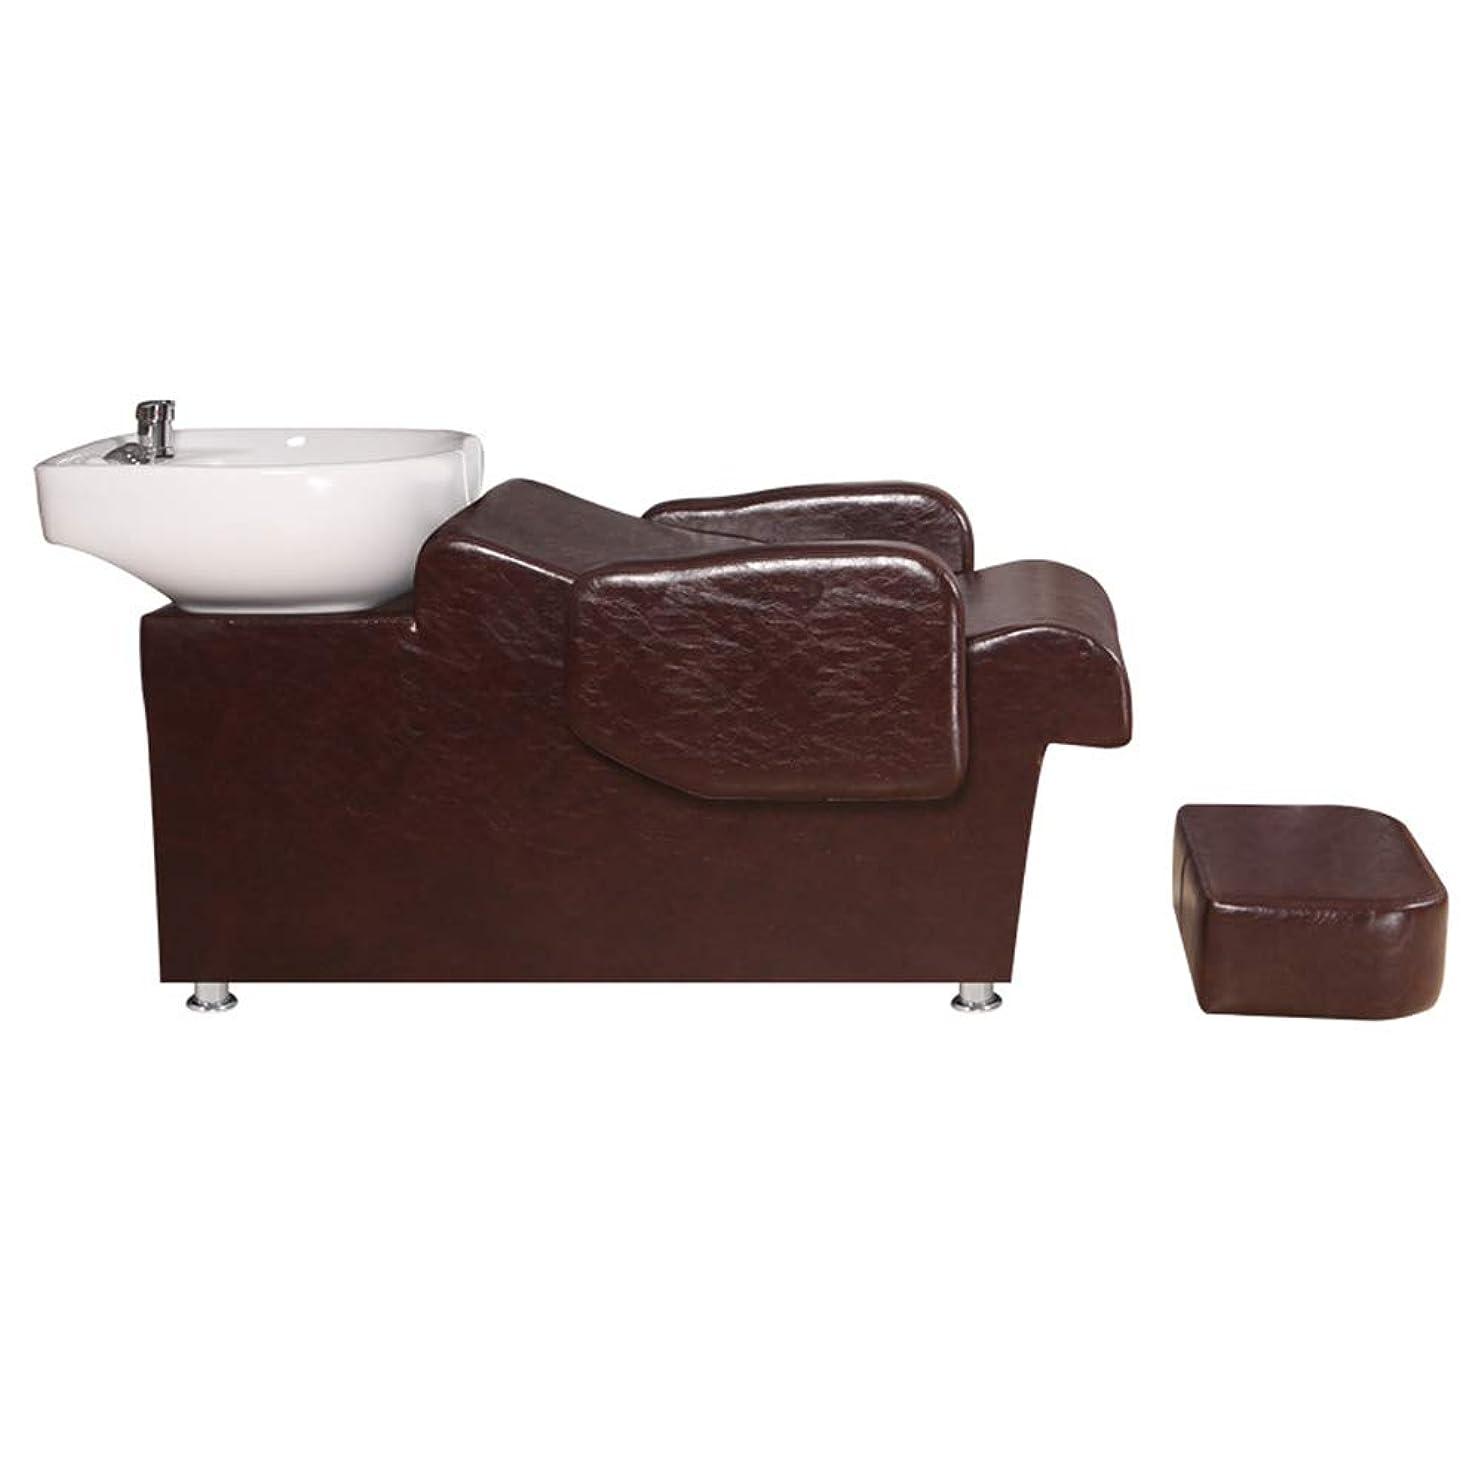 マイナーガイダンス適合シャンプーの理髪師の逆洗の椅子、鉱泉の美容院のためのシャンプーボールの流しの椅子半横たわっている鉱泉の美容院装置